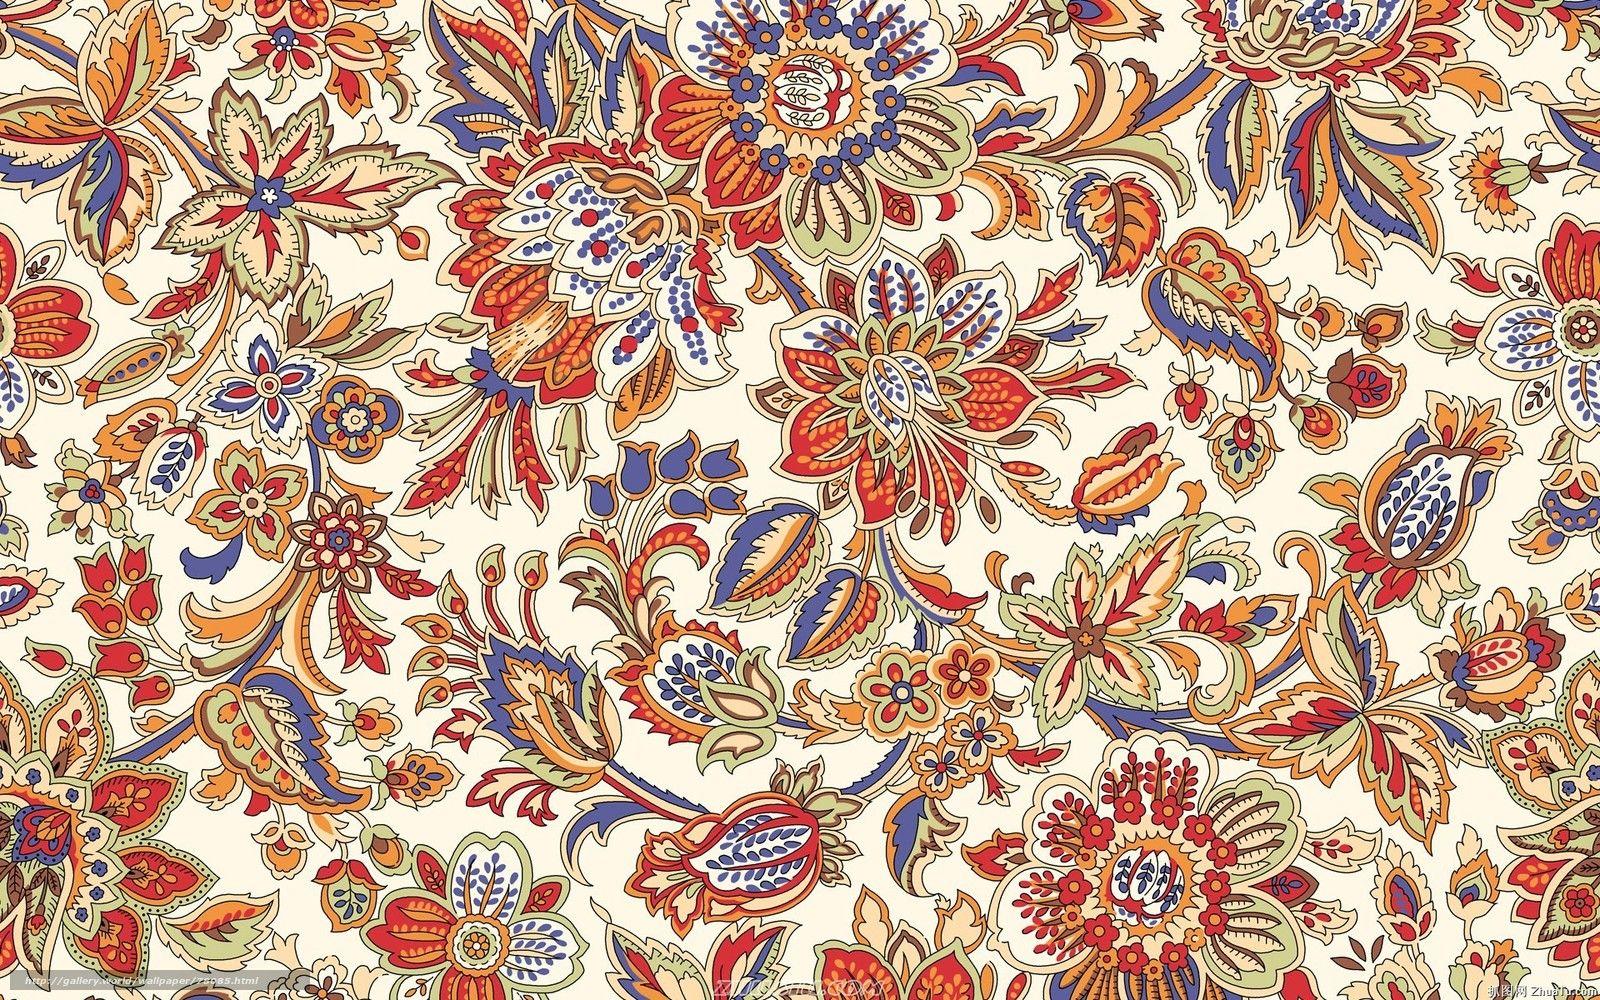 Tlcharger Fond d'ecran Multicolore, fleurs, modles, papier peint Fonds d'ecran gratuits pour ...